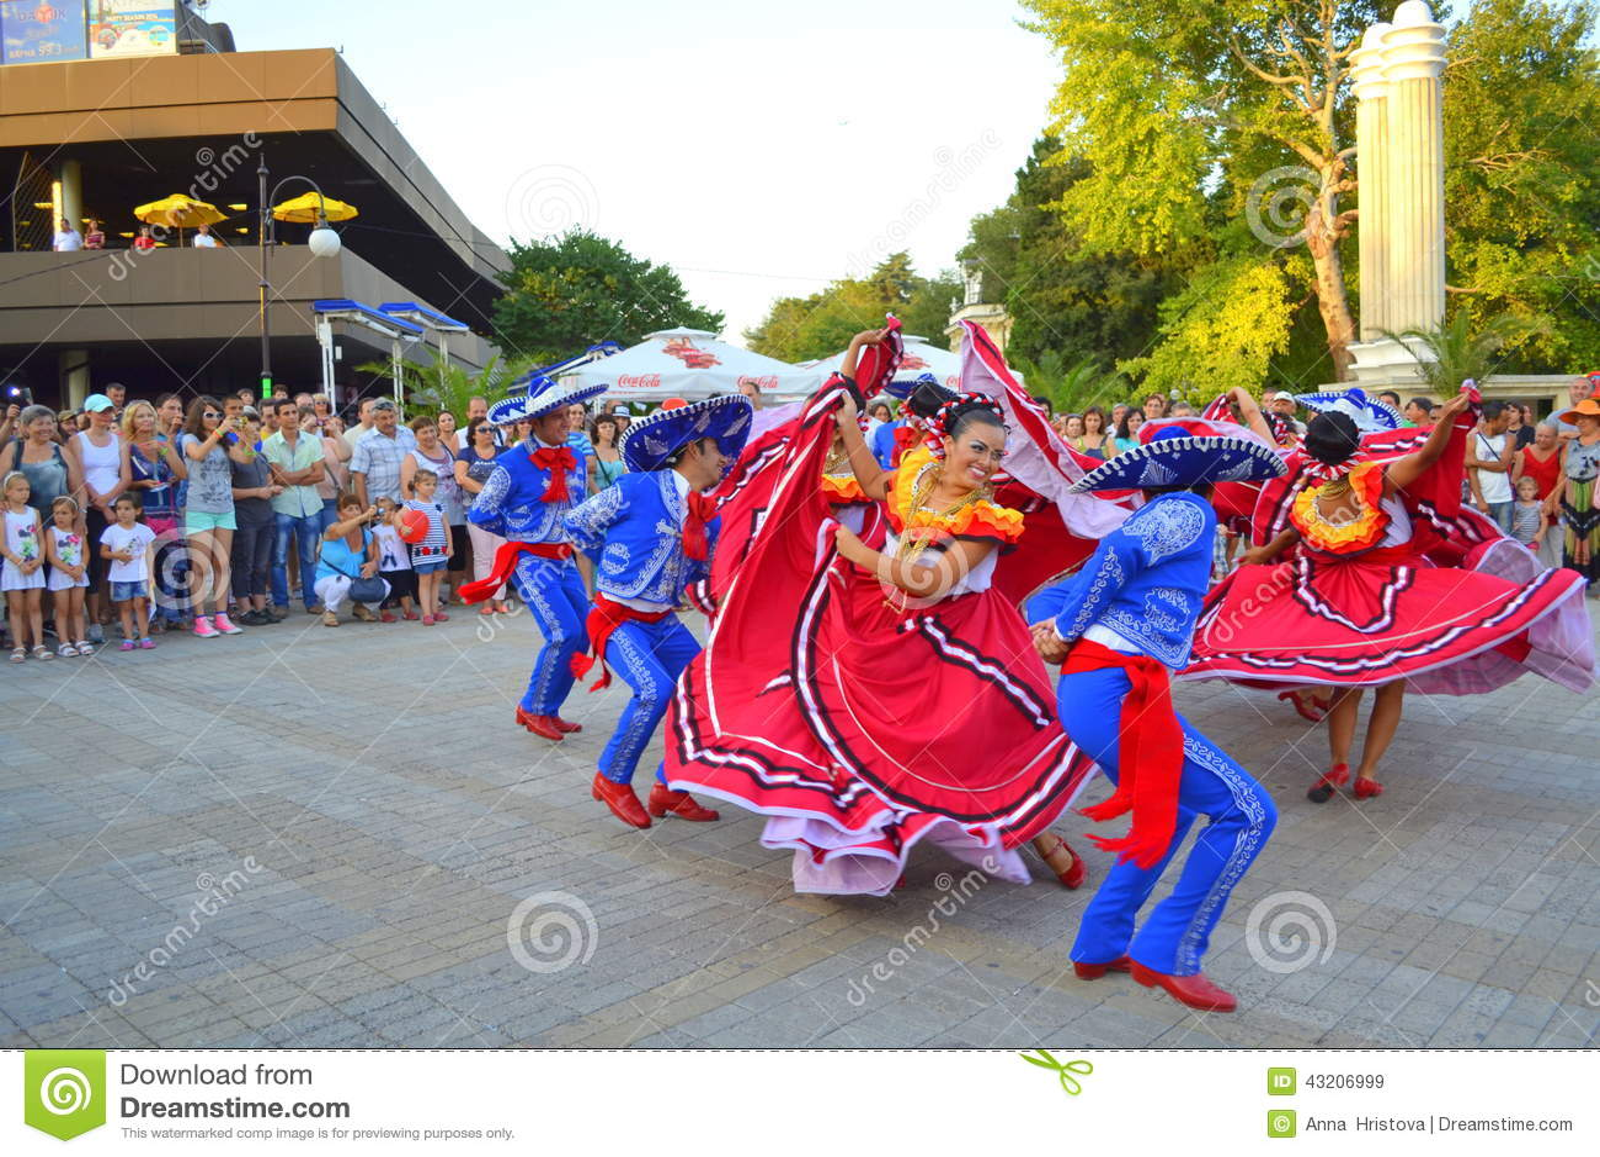 Download Bedöva mexicansk dans redaktionell fotografering för bildbyråer. Bild av älskvärt - 43206999